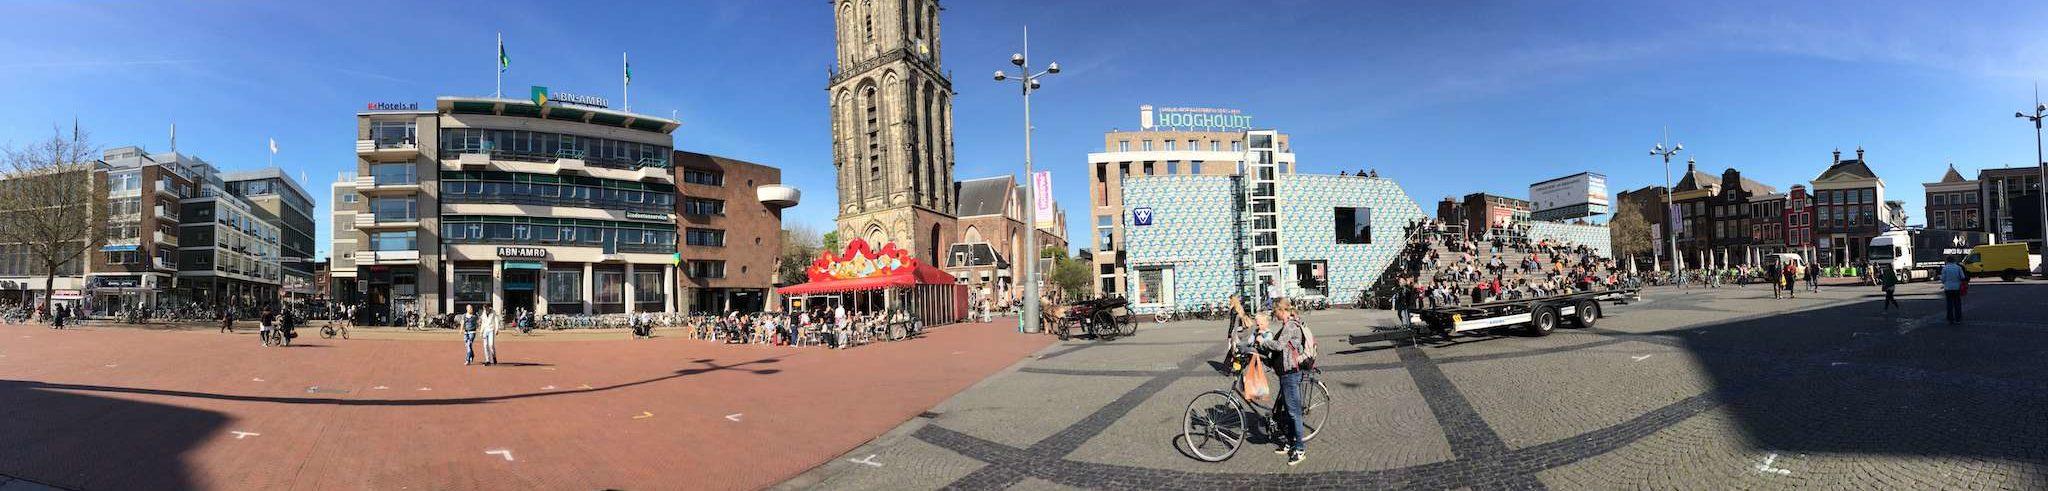 Groningen - Grote Markt mit Martiniturm und VVV - Panorama